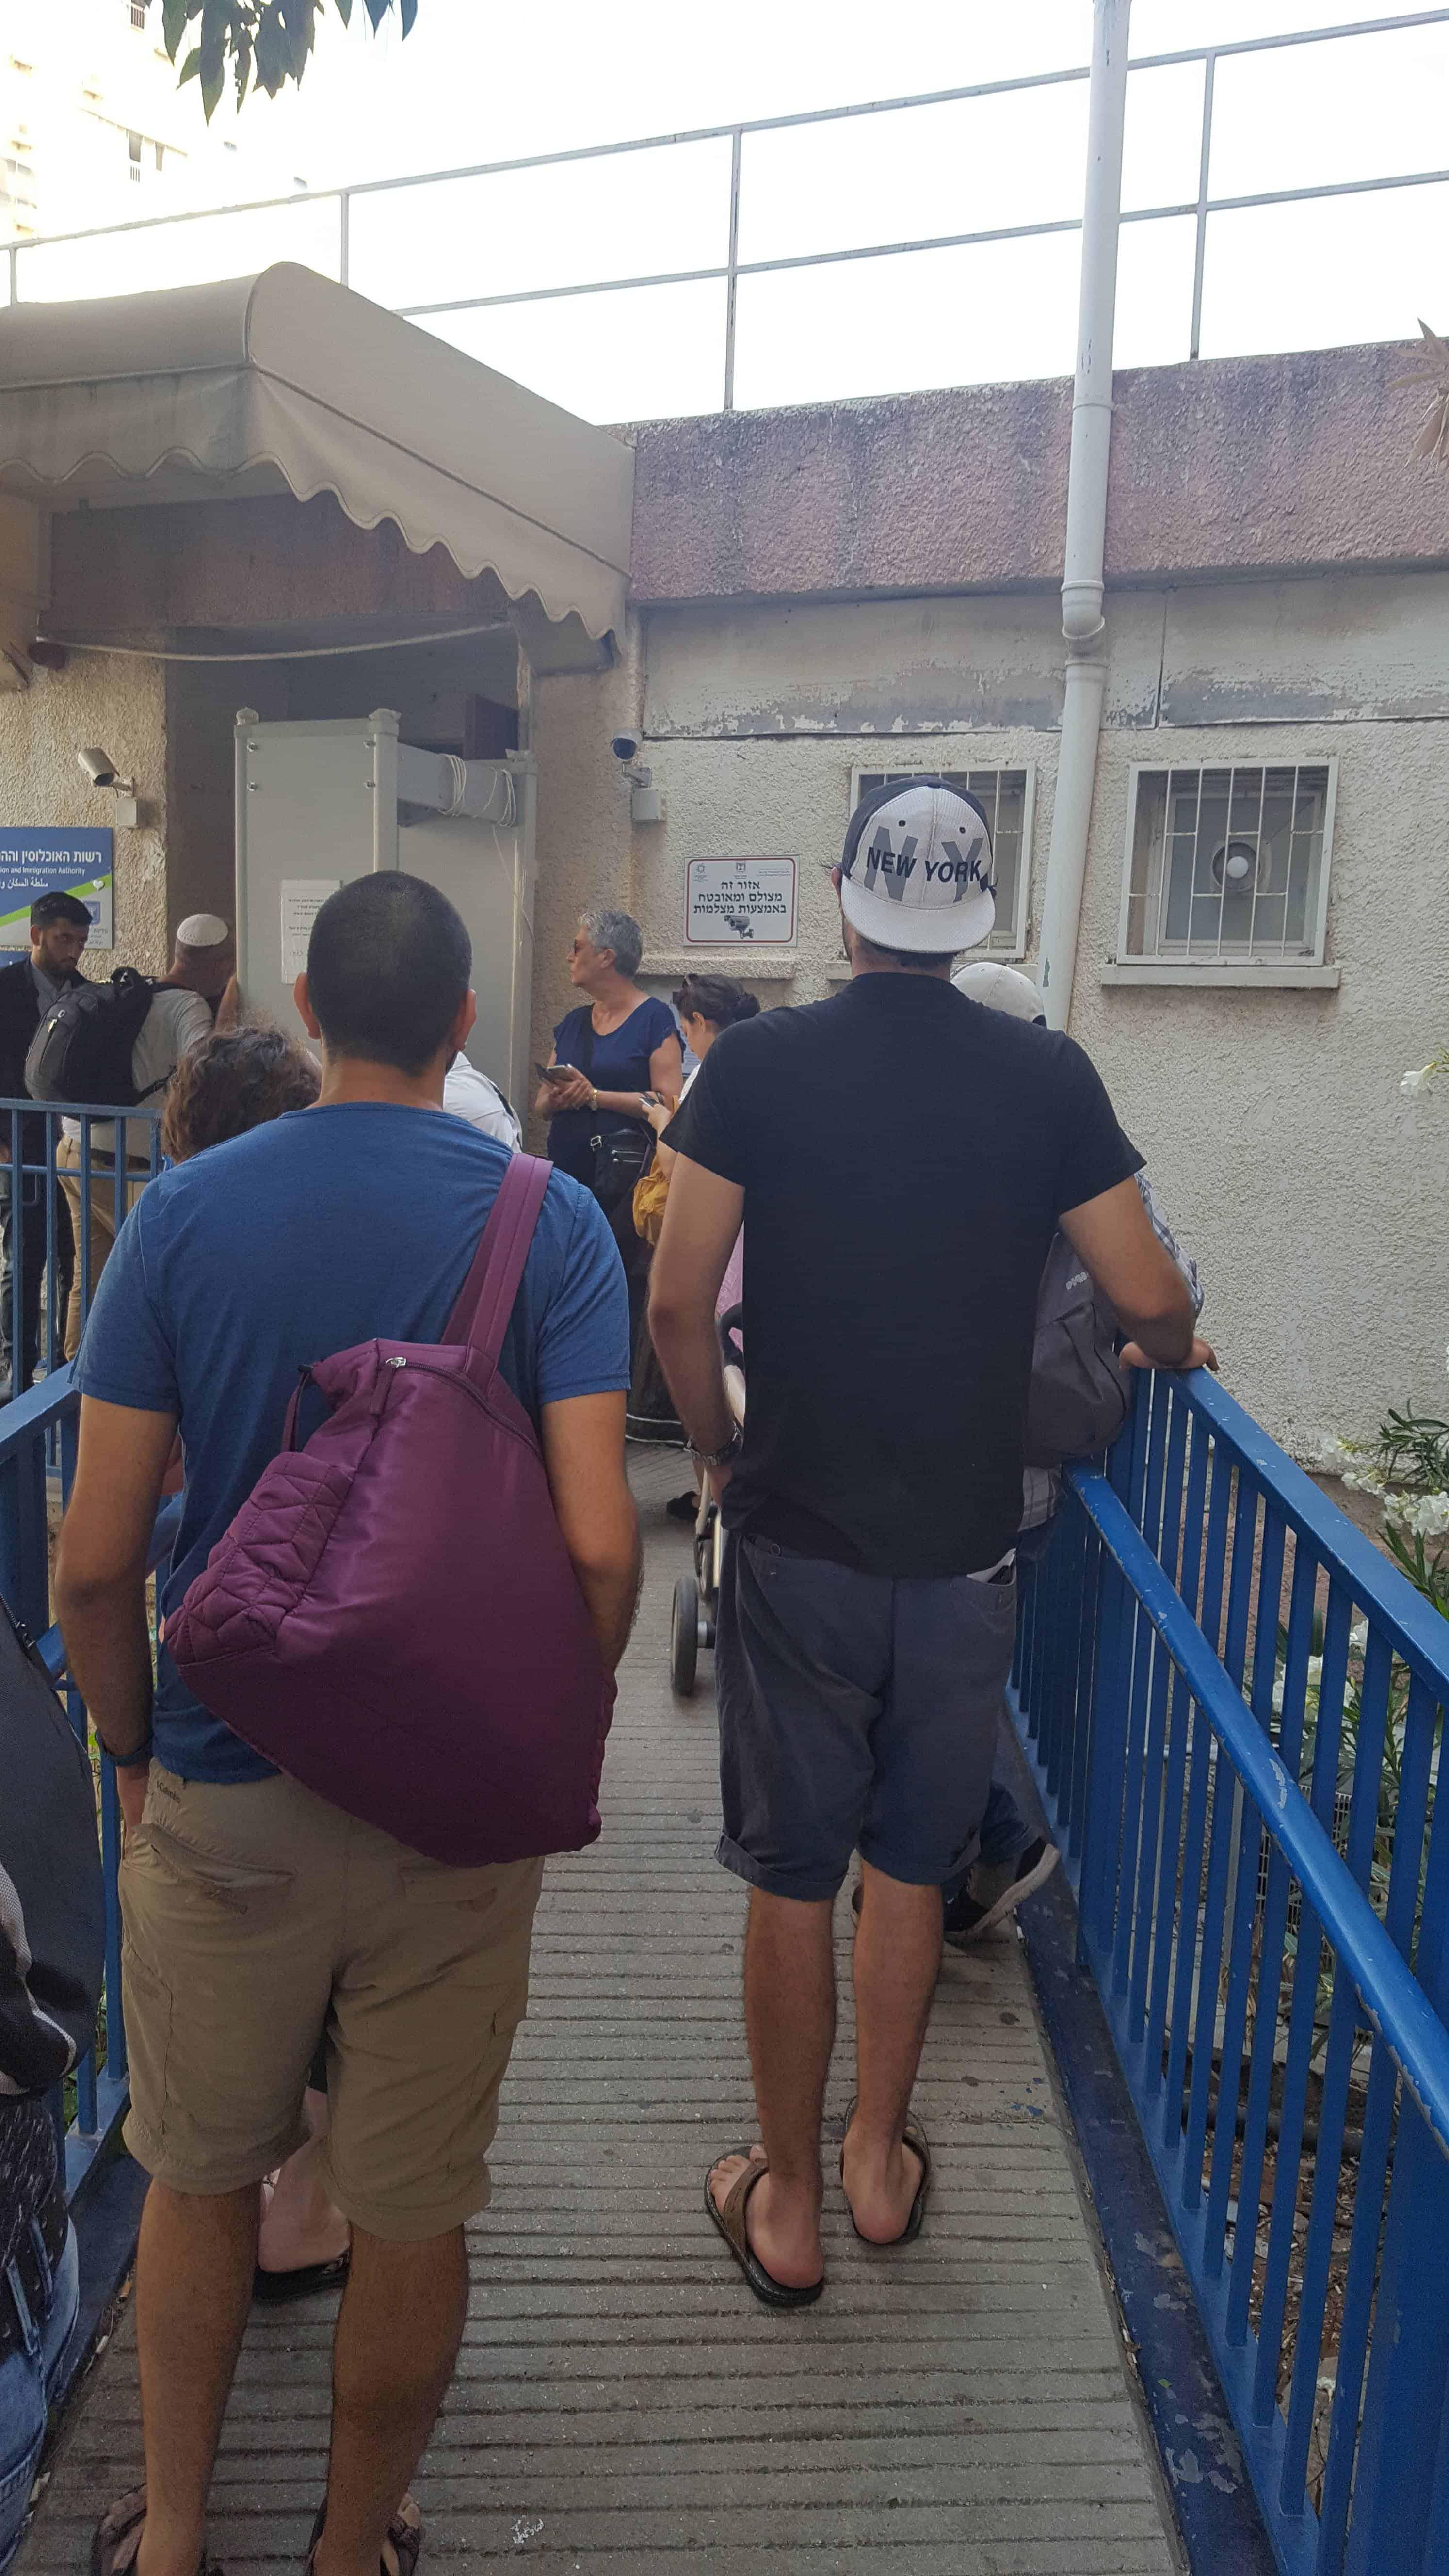 תור בכניסה למשרד הפנים בגבעתיים, צילום: חנה שטרן